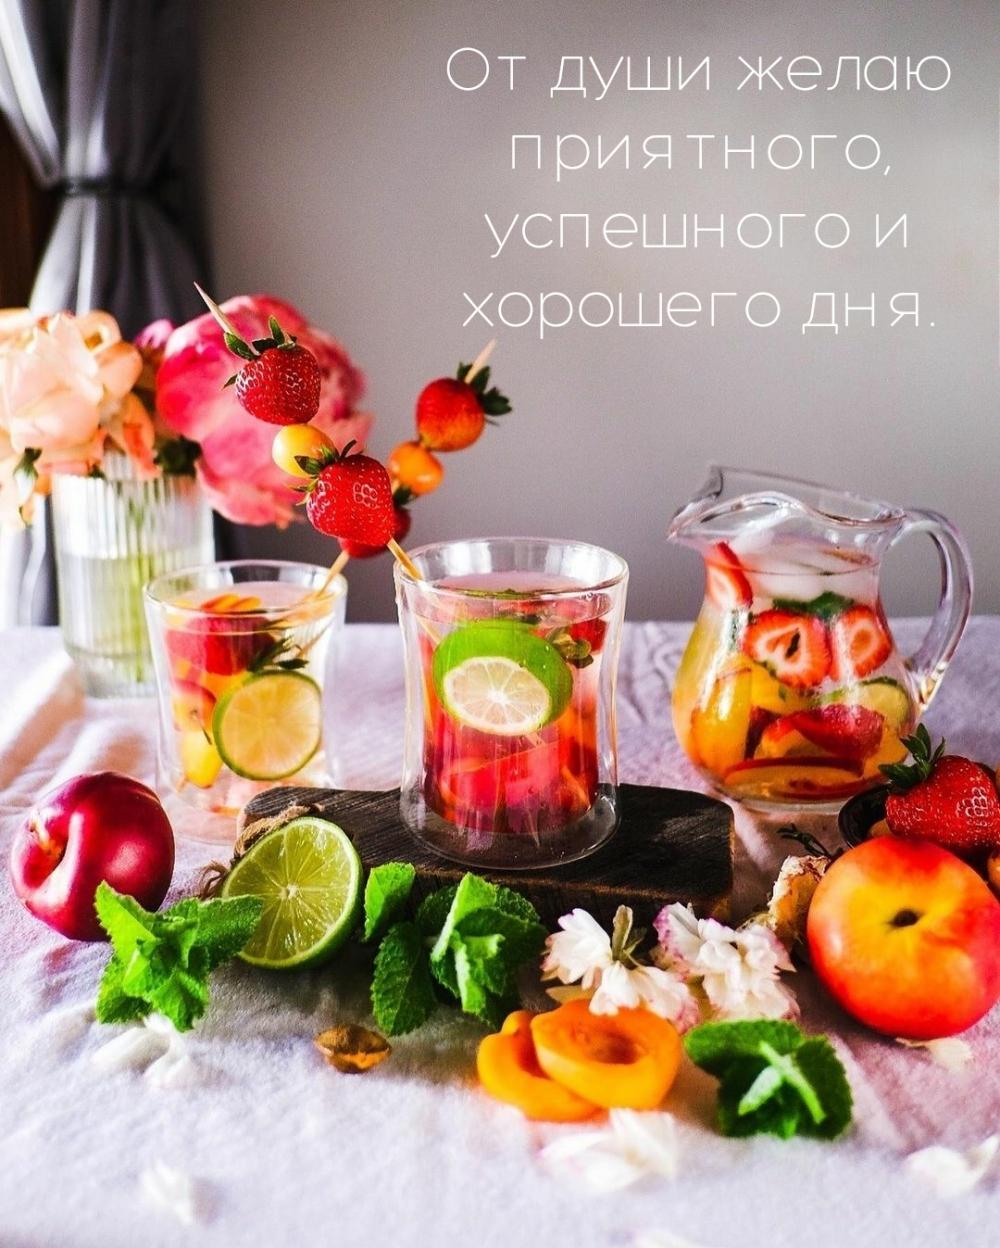 От души желаю приятного, успешного и хорошего дня.